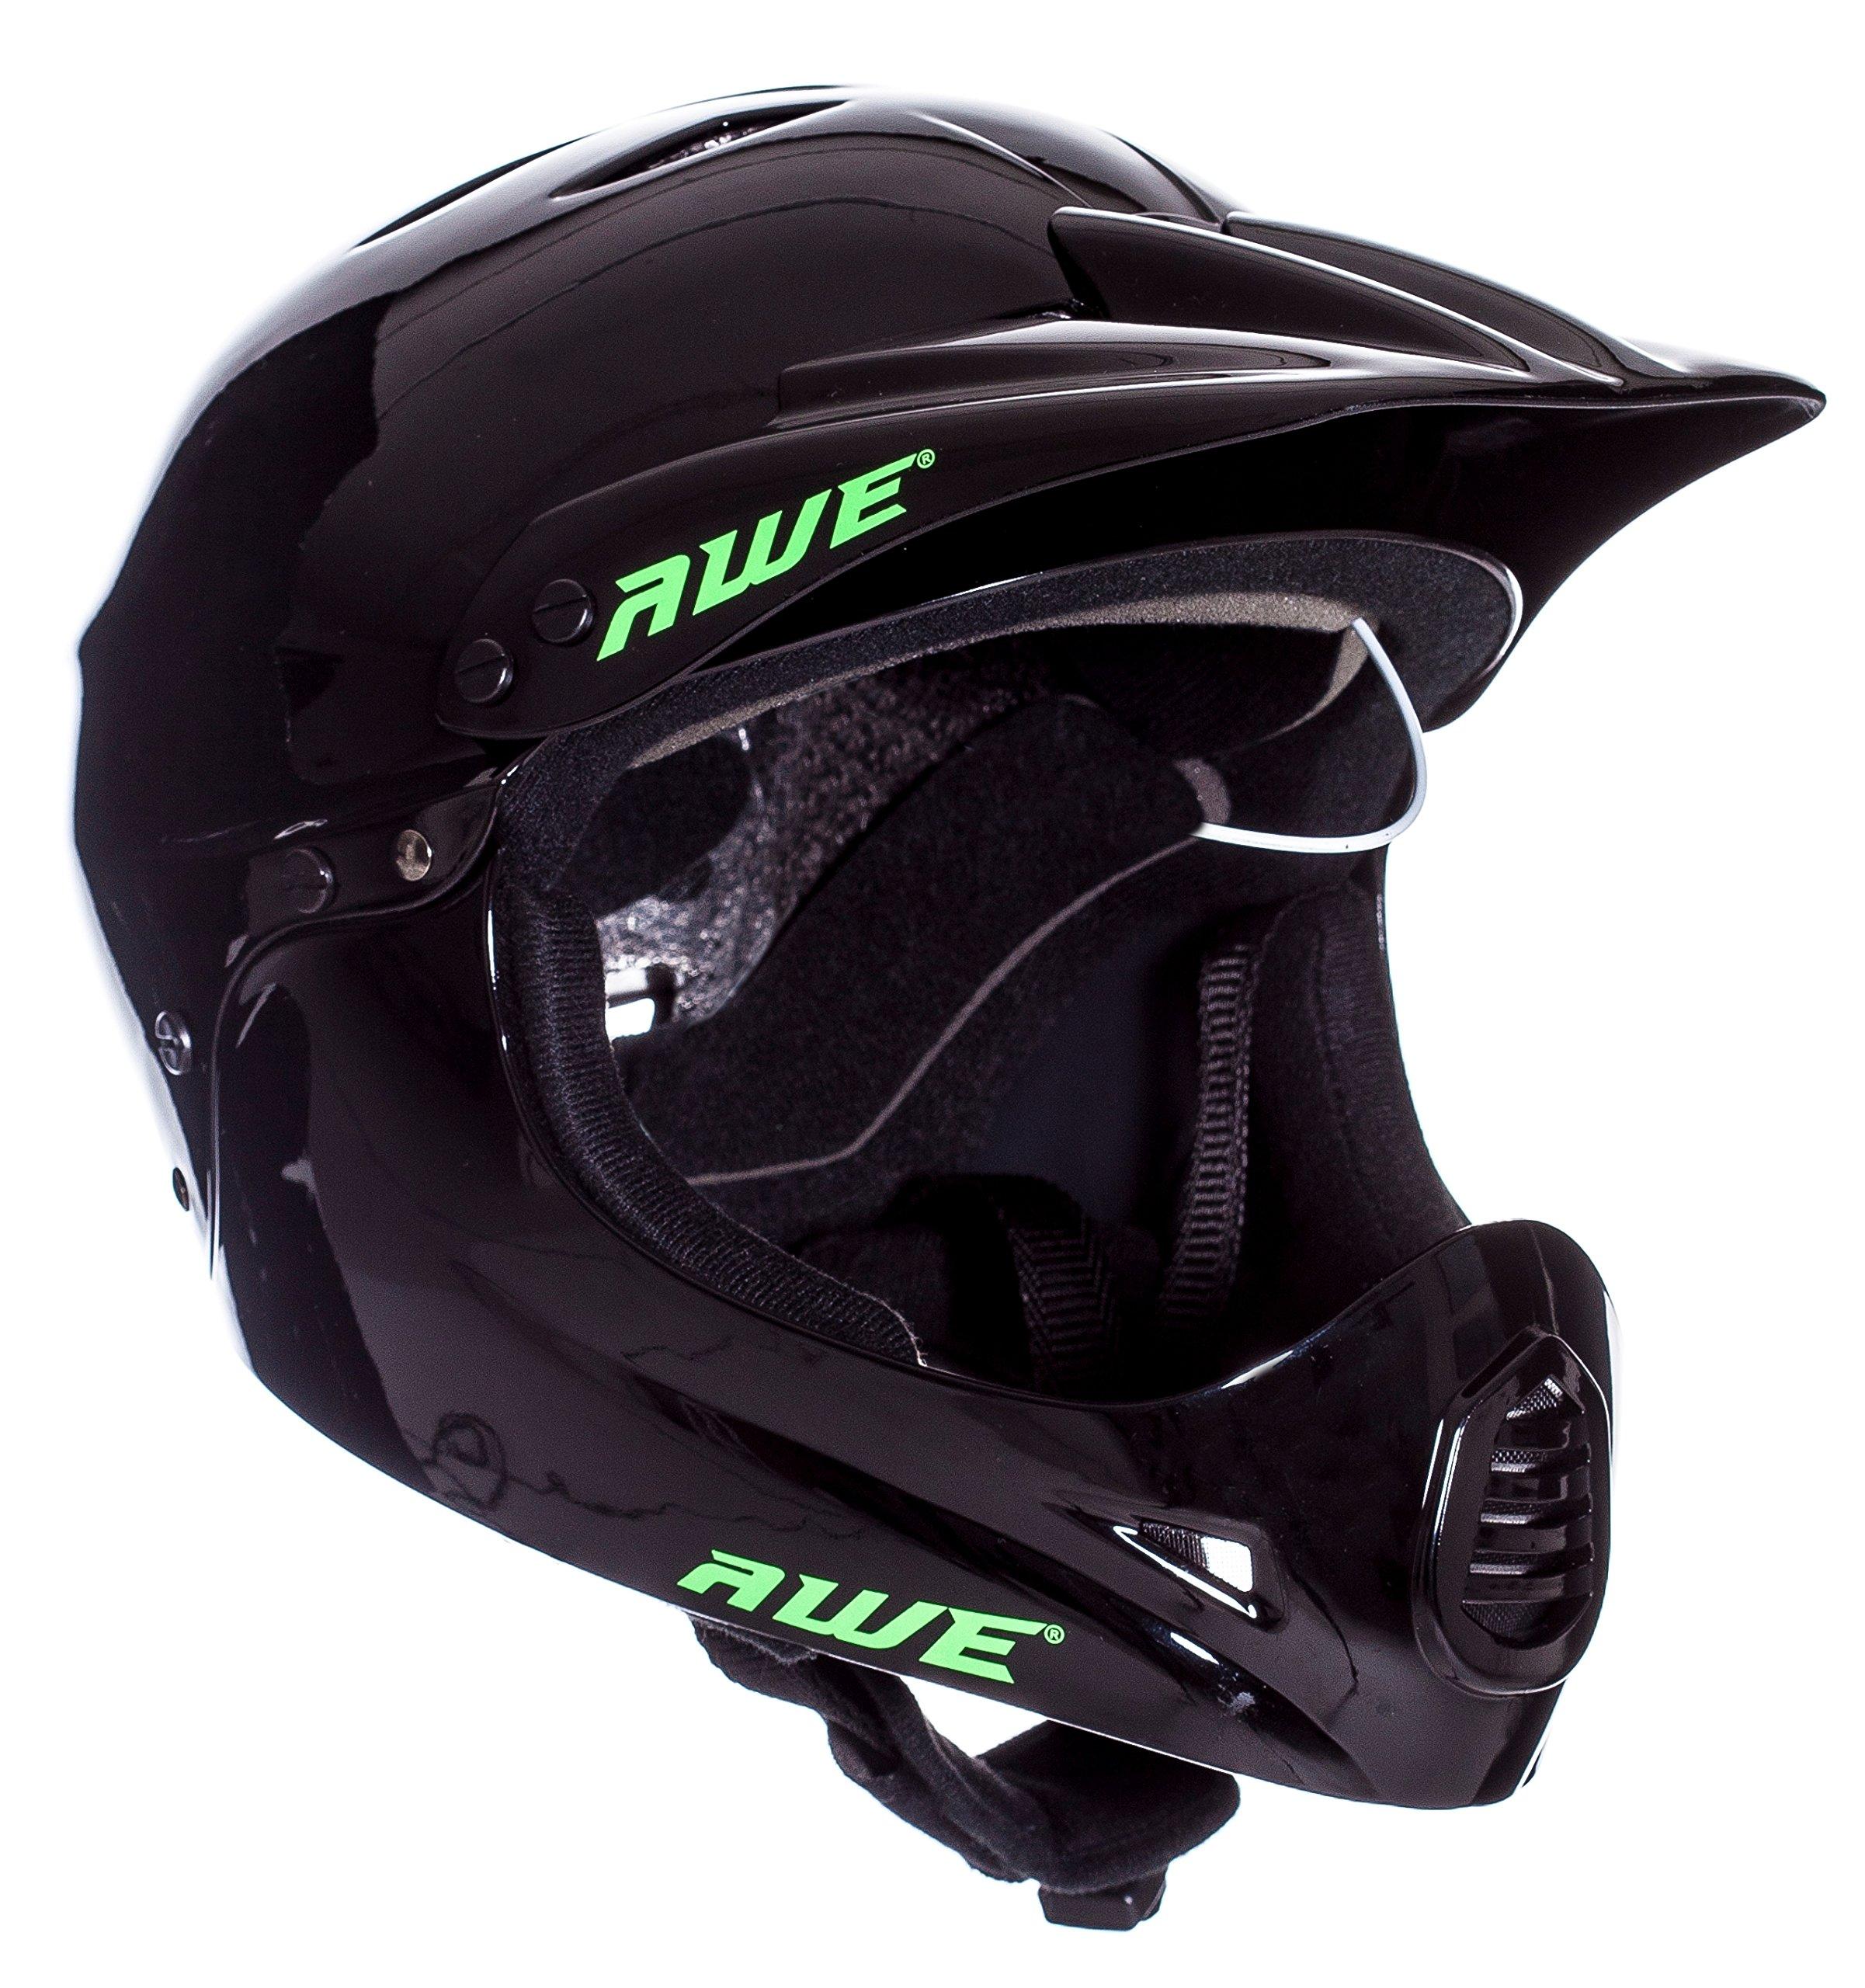 AWE FREE 5 YEAR CRASH REPLACEMENT Full Face Helmet Black Large